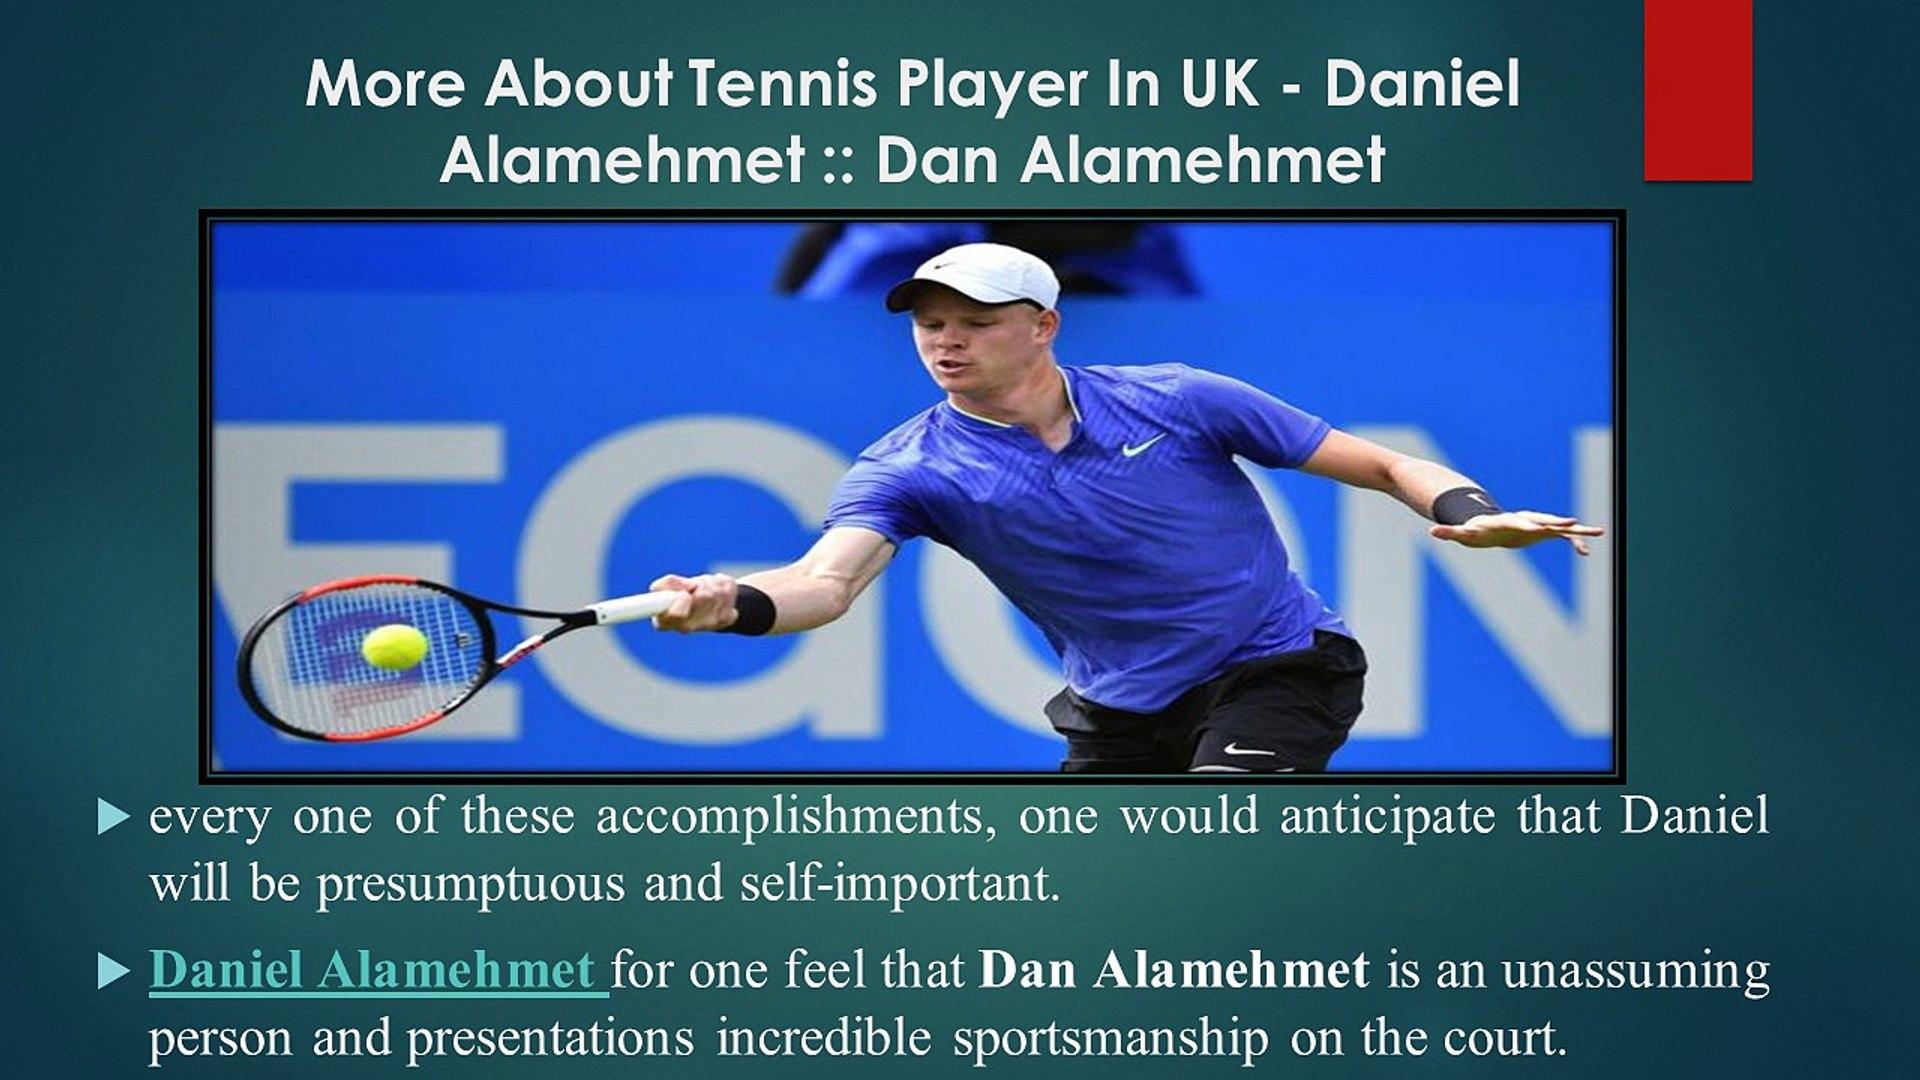 Daniel Alamehmet :: Dan Alamehmet :: Daniel Alamehmet Profile :: About Daniel Alamehmet